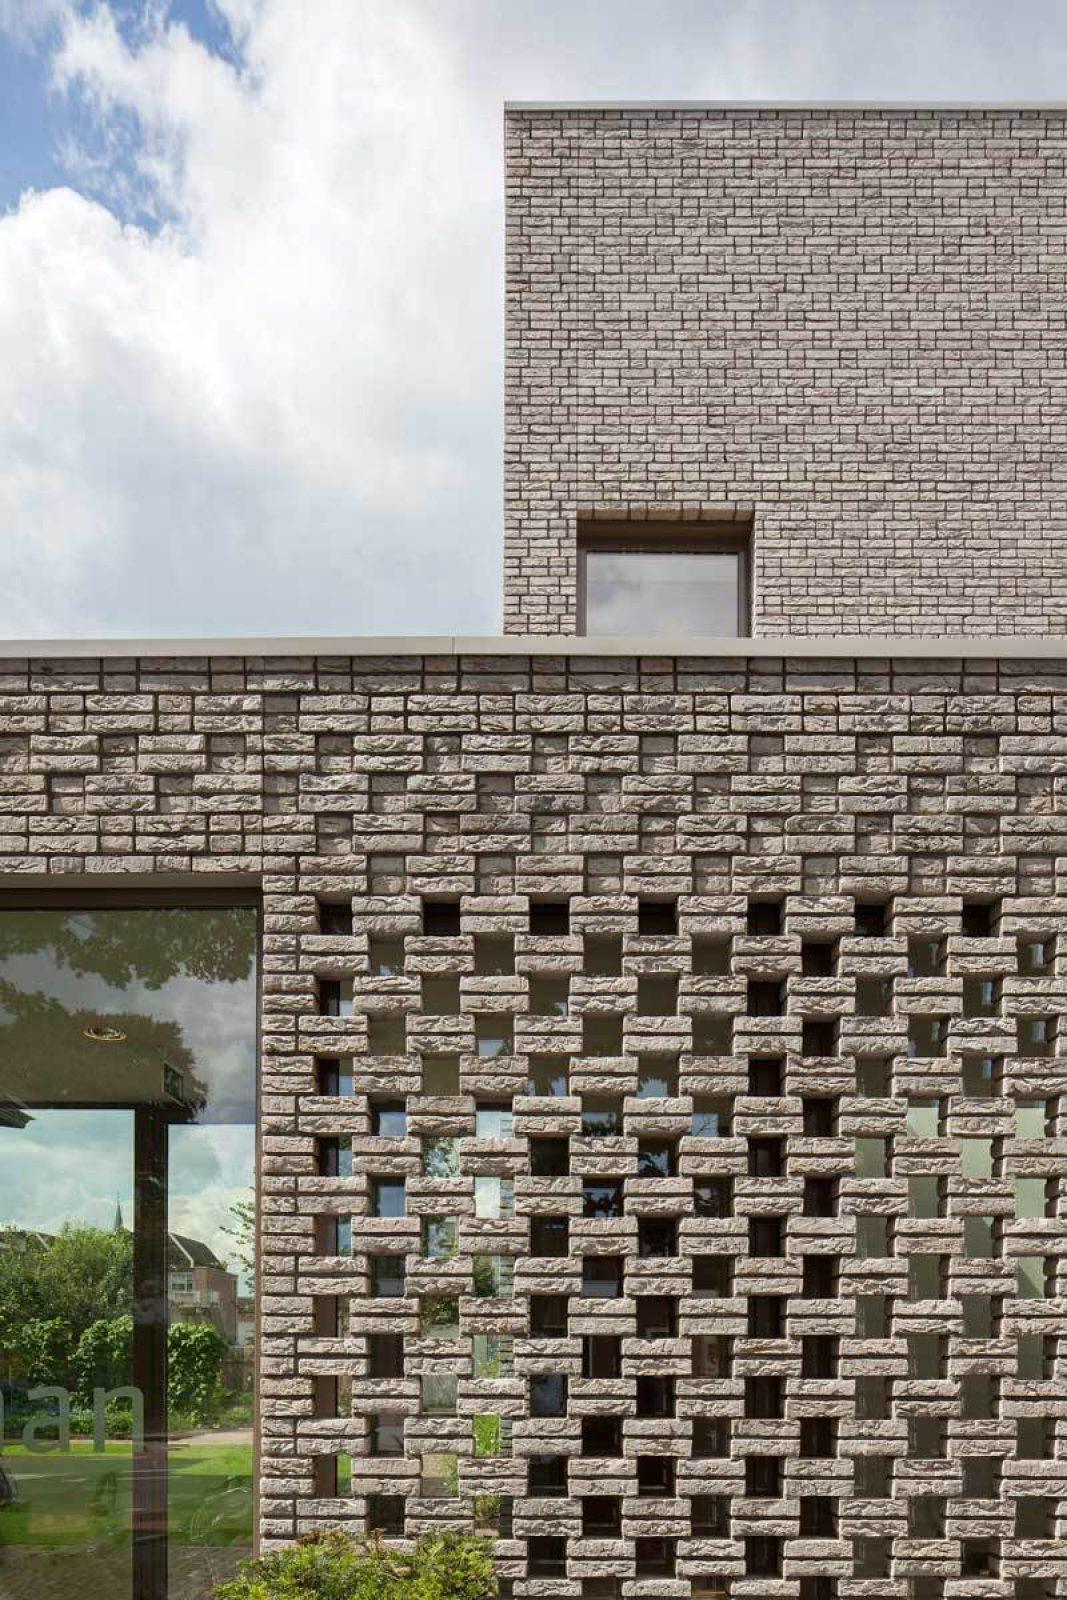 Mondrian Brick Facade